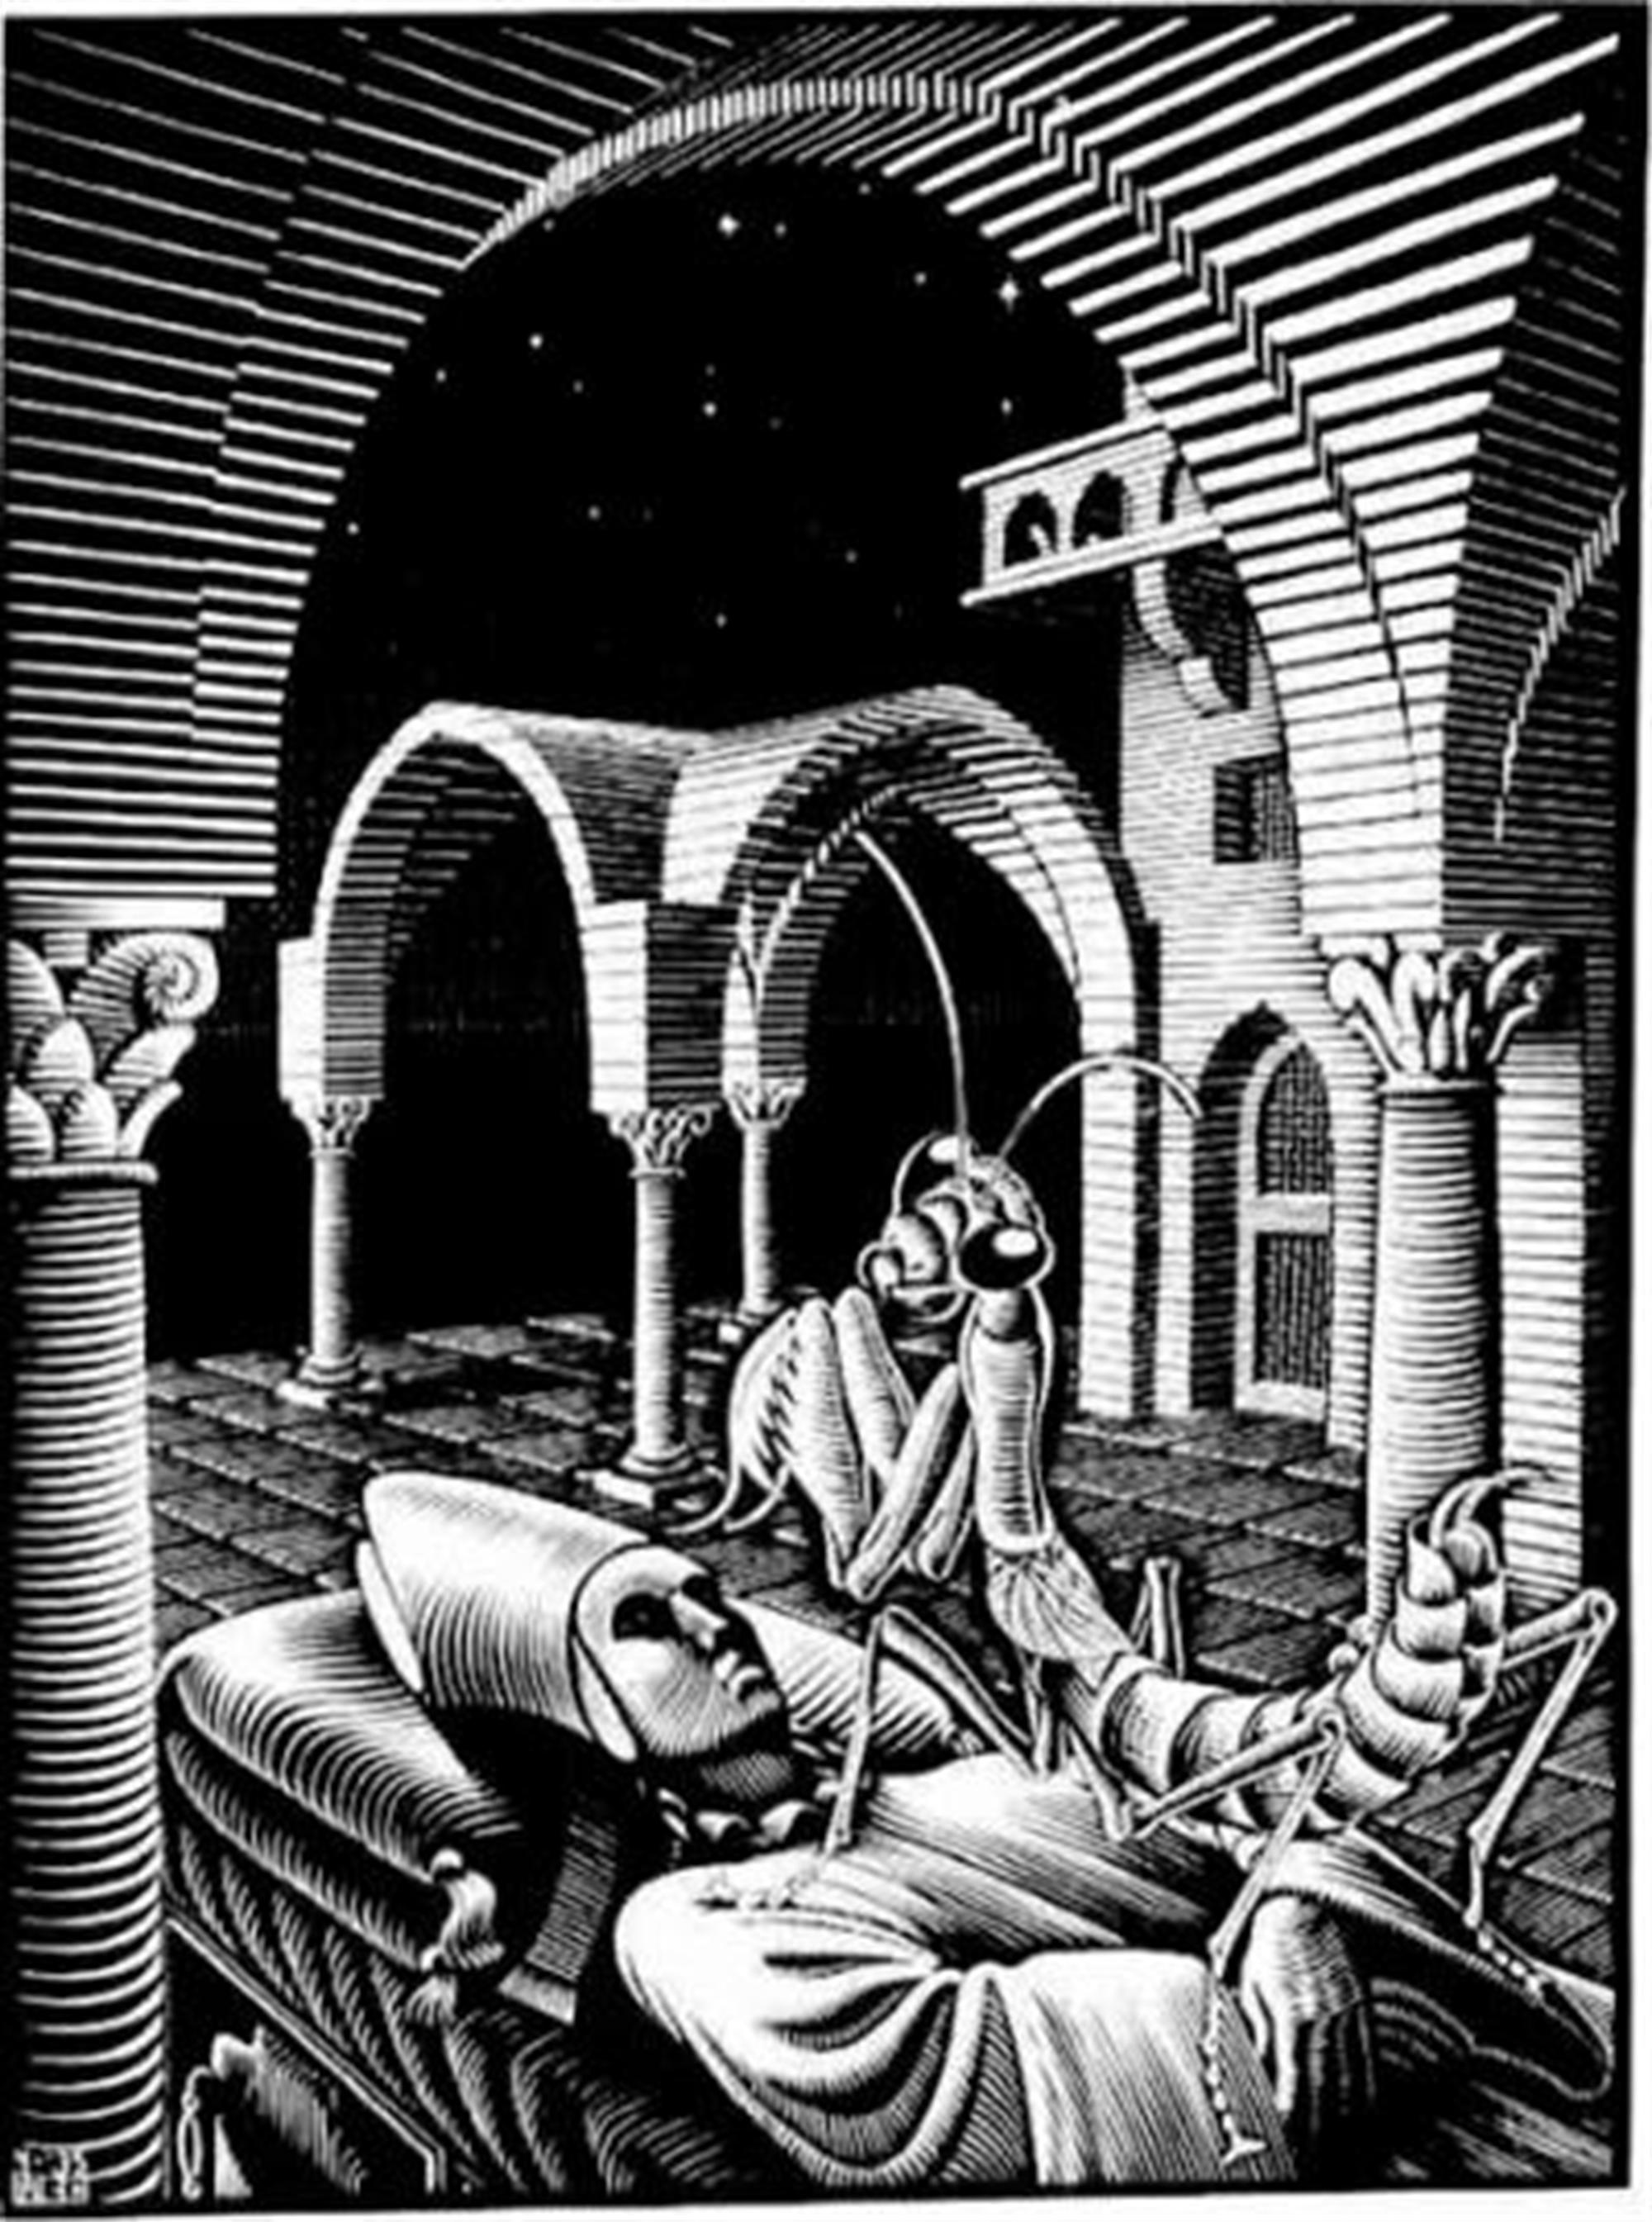 Dream Mantis Religiosa by M.C. Escher